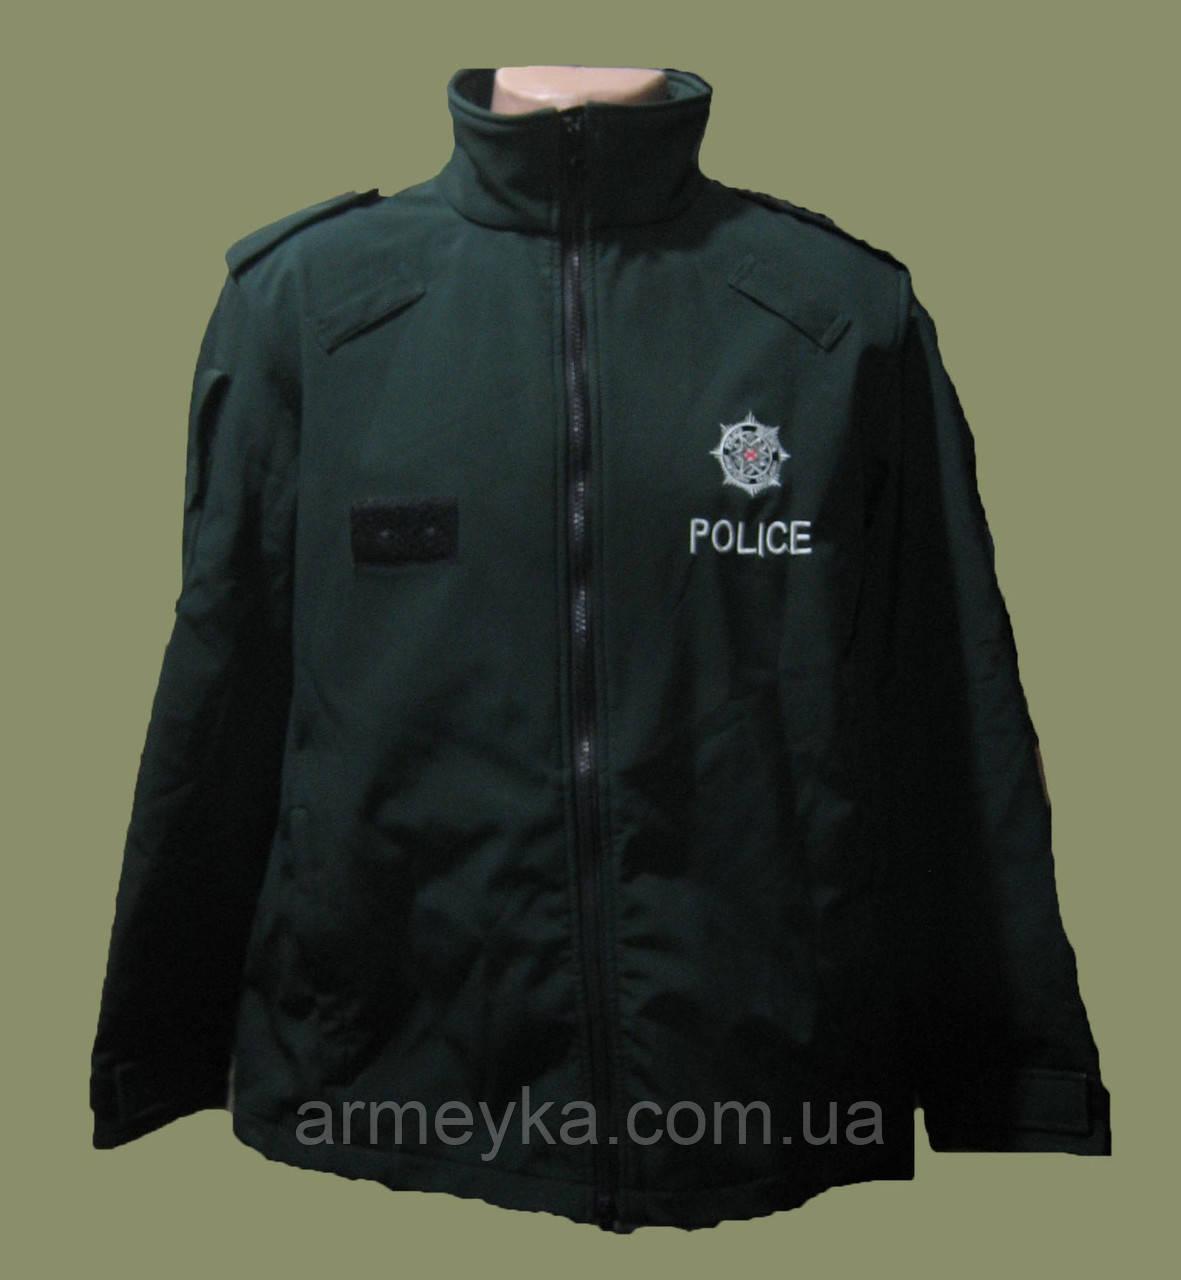 Полицейская Куртка Купить